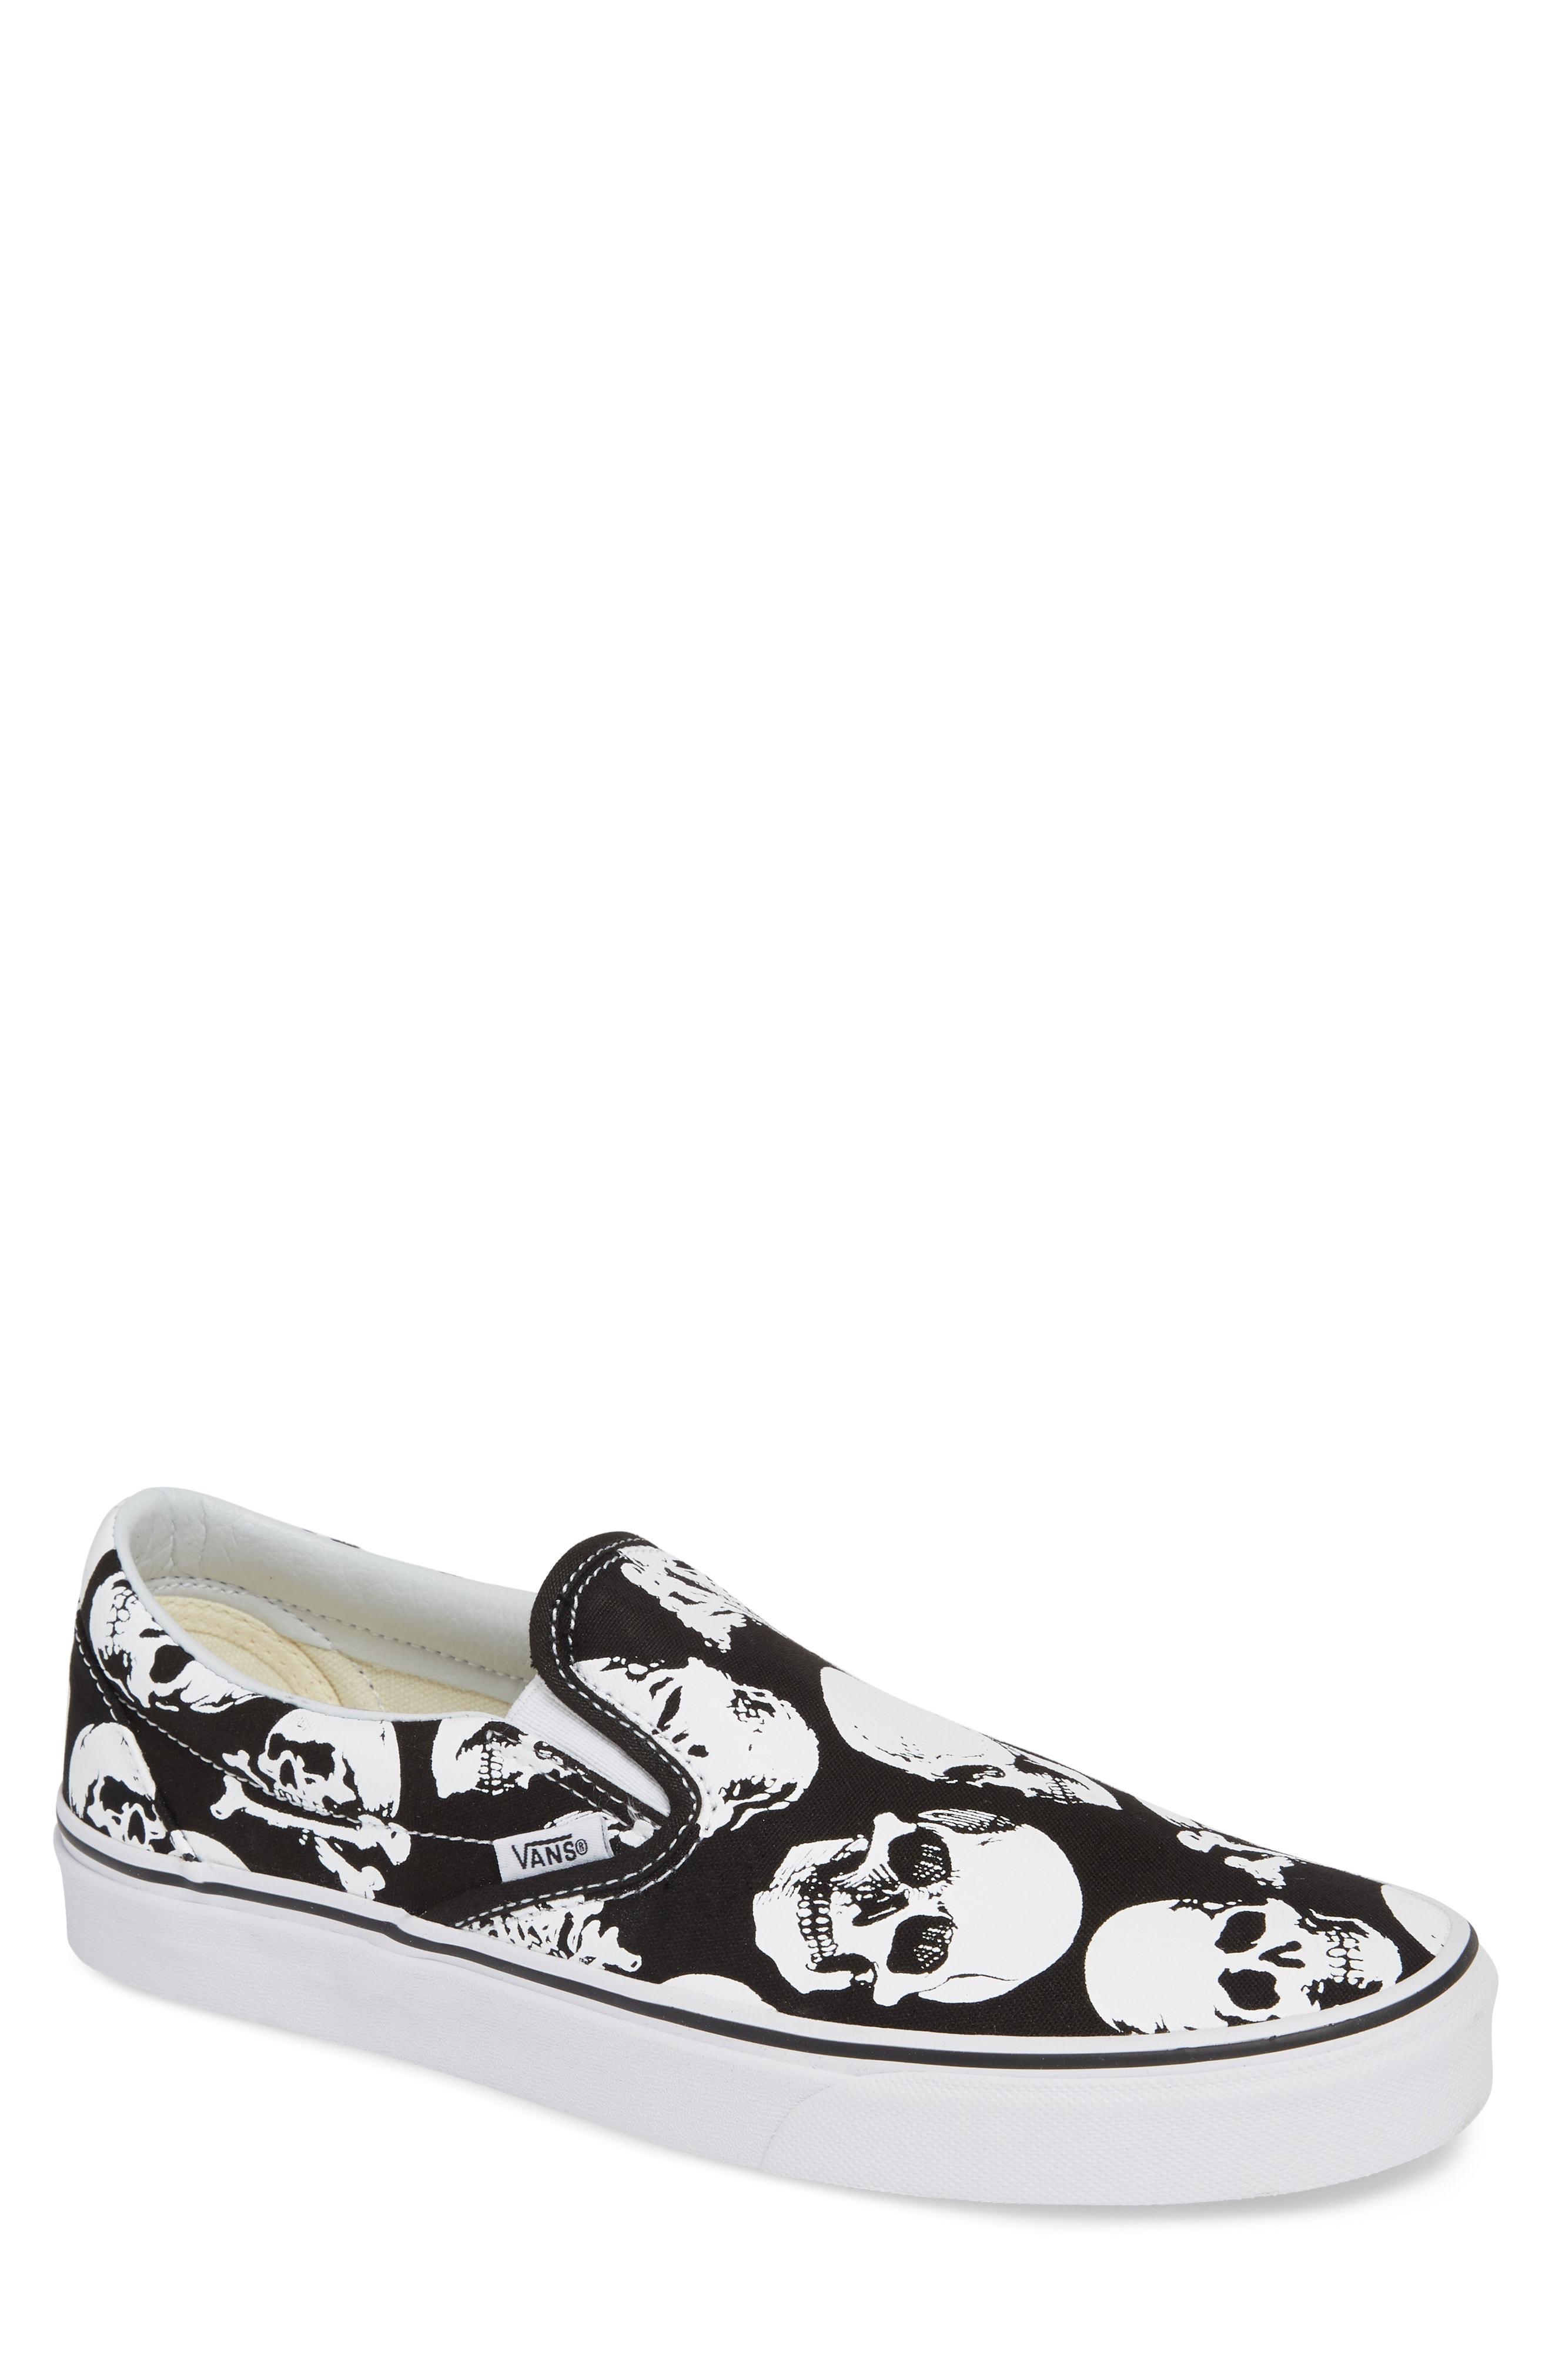 Vans Classic Skulls Slip On, $54